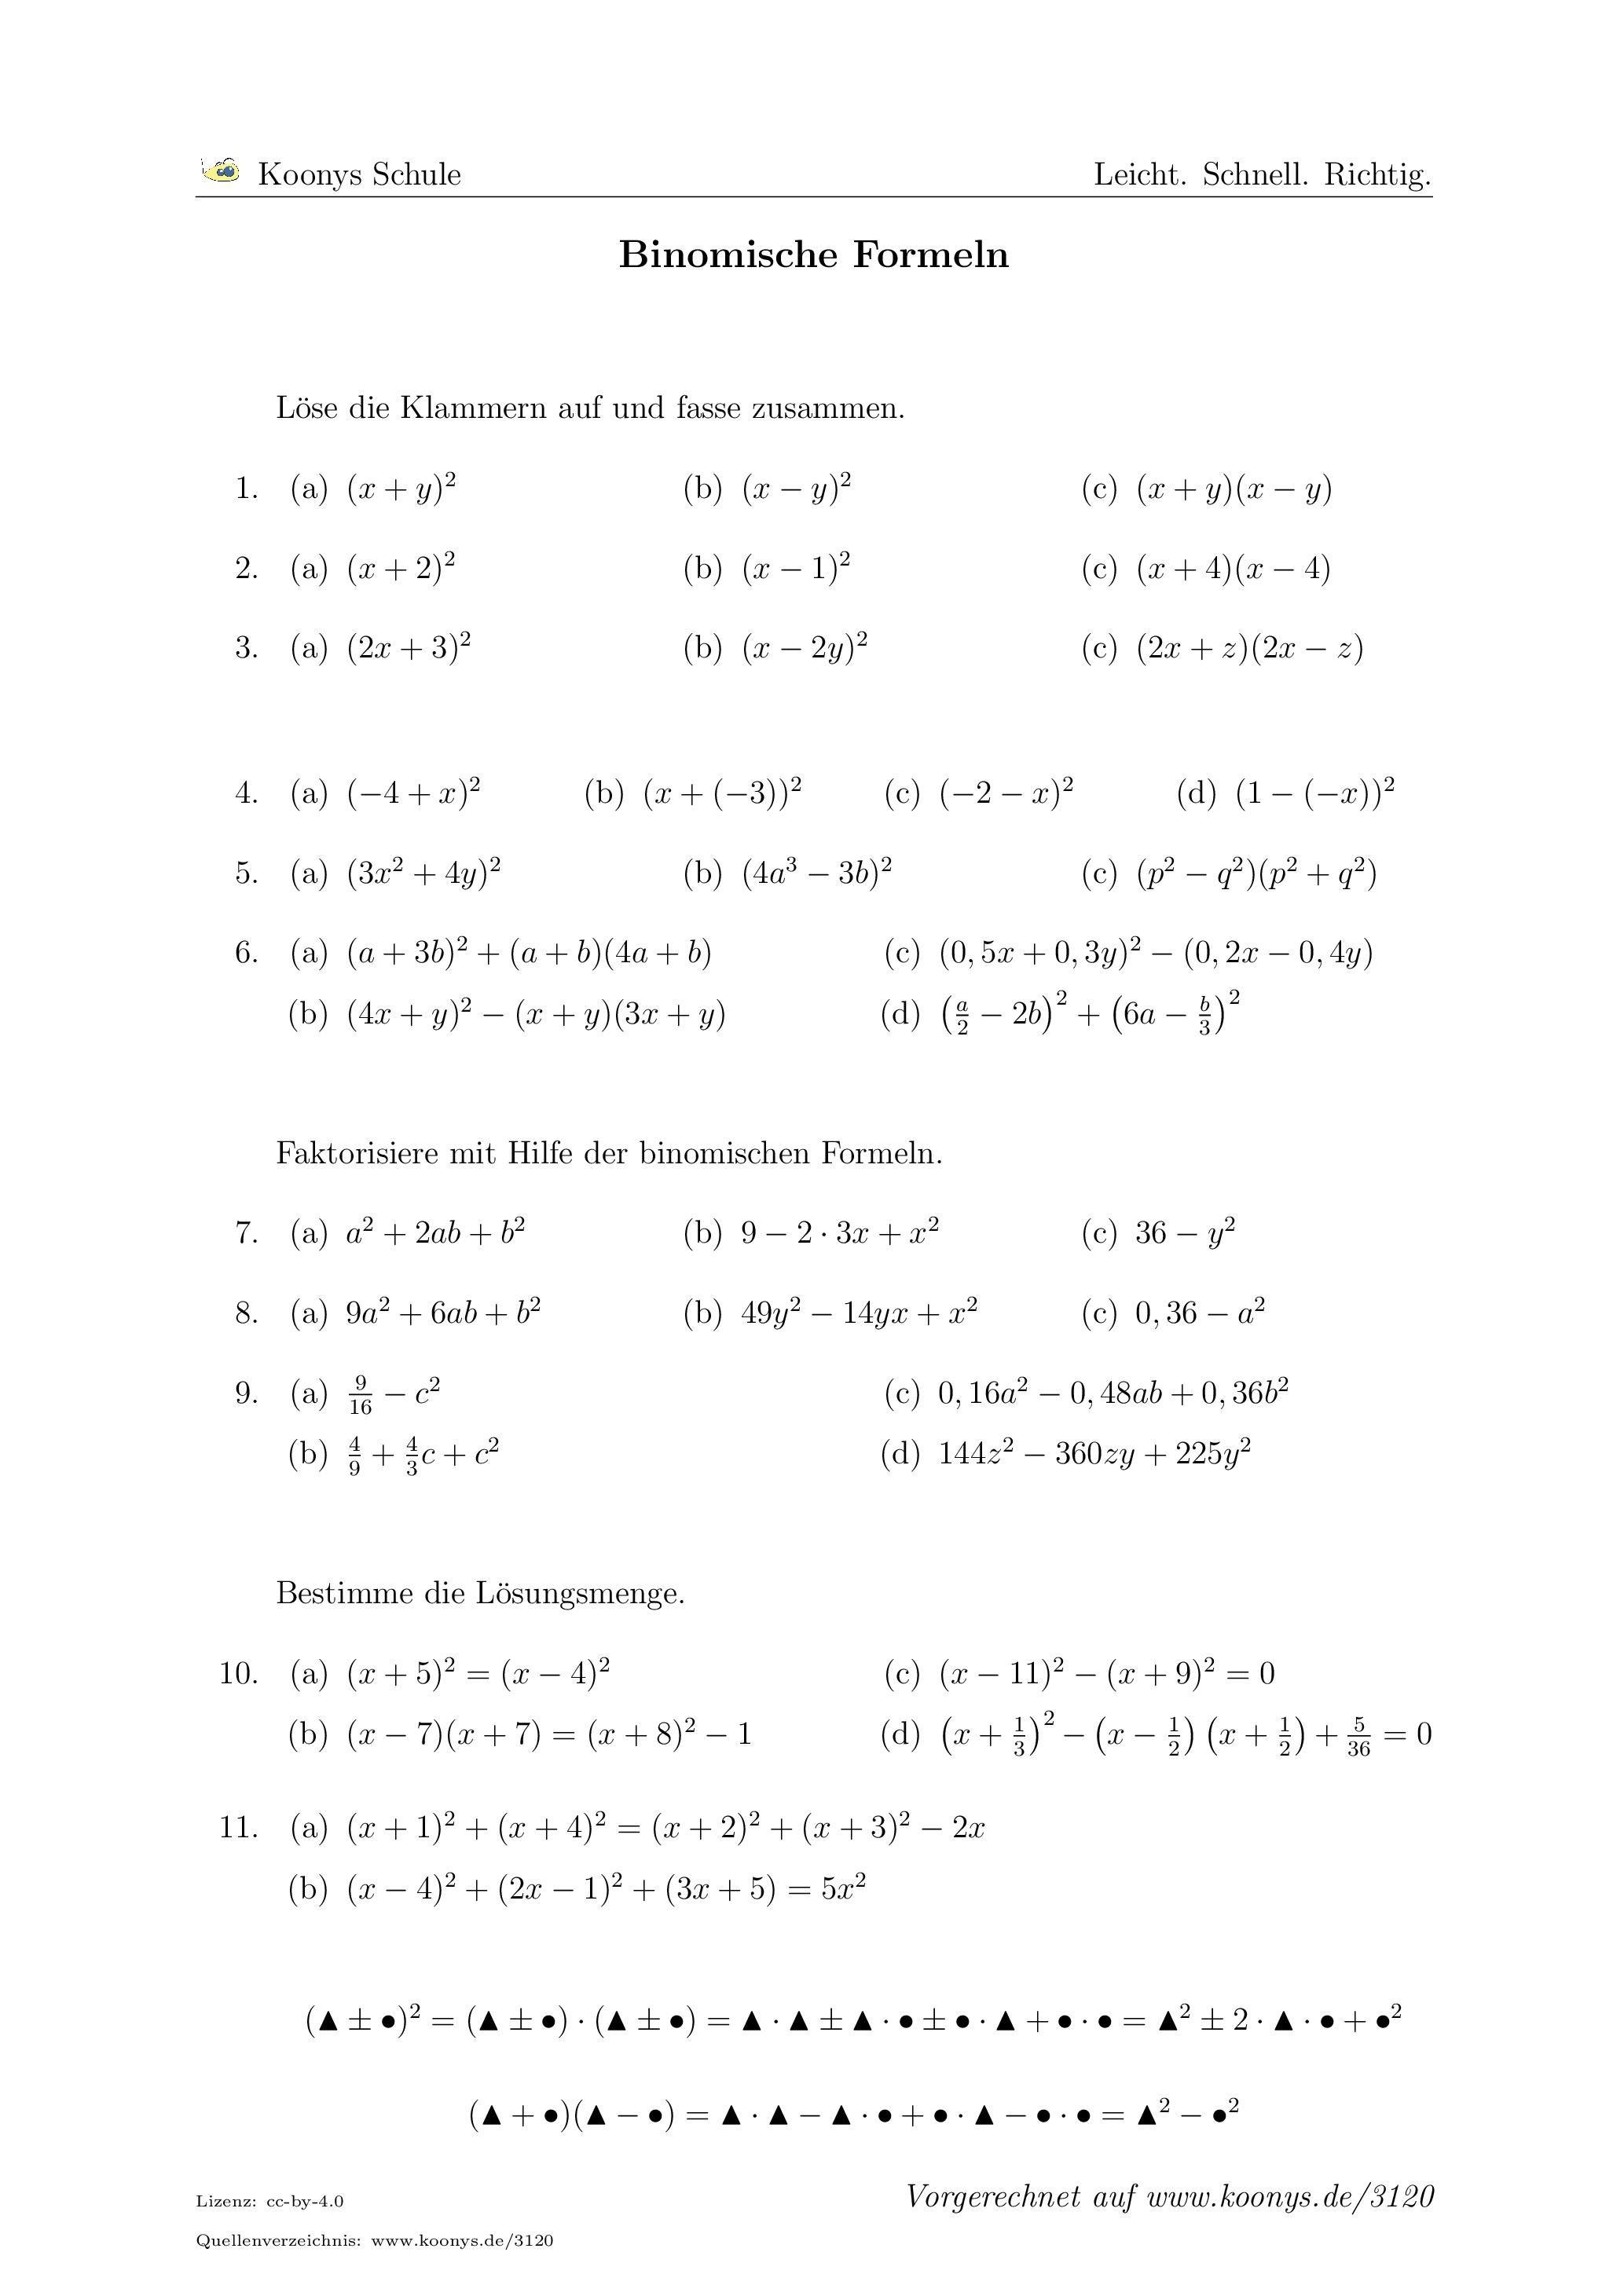 Binomische Formeln. Alle Aufgaben auf www.koonys.de/3120 ...